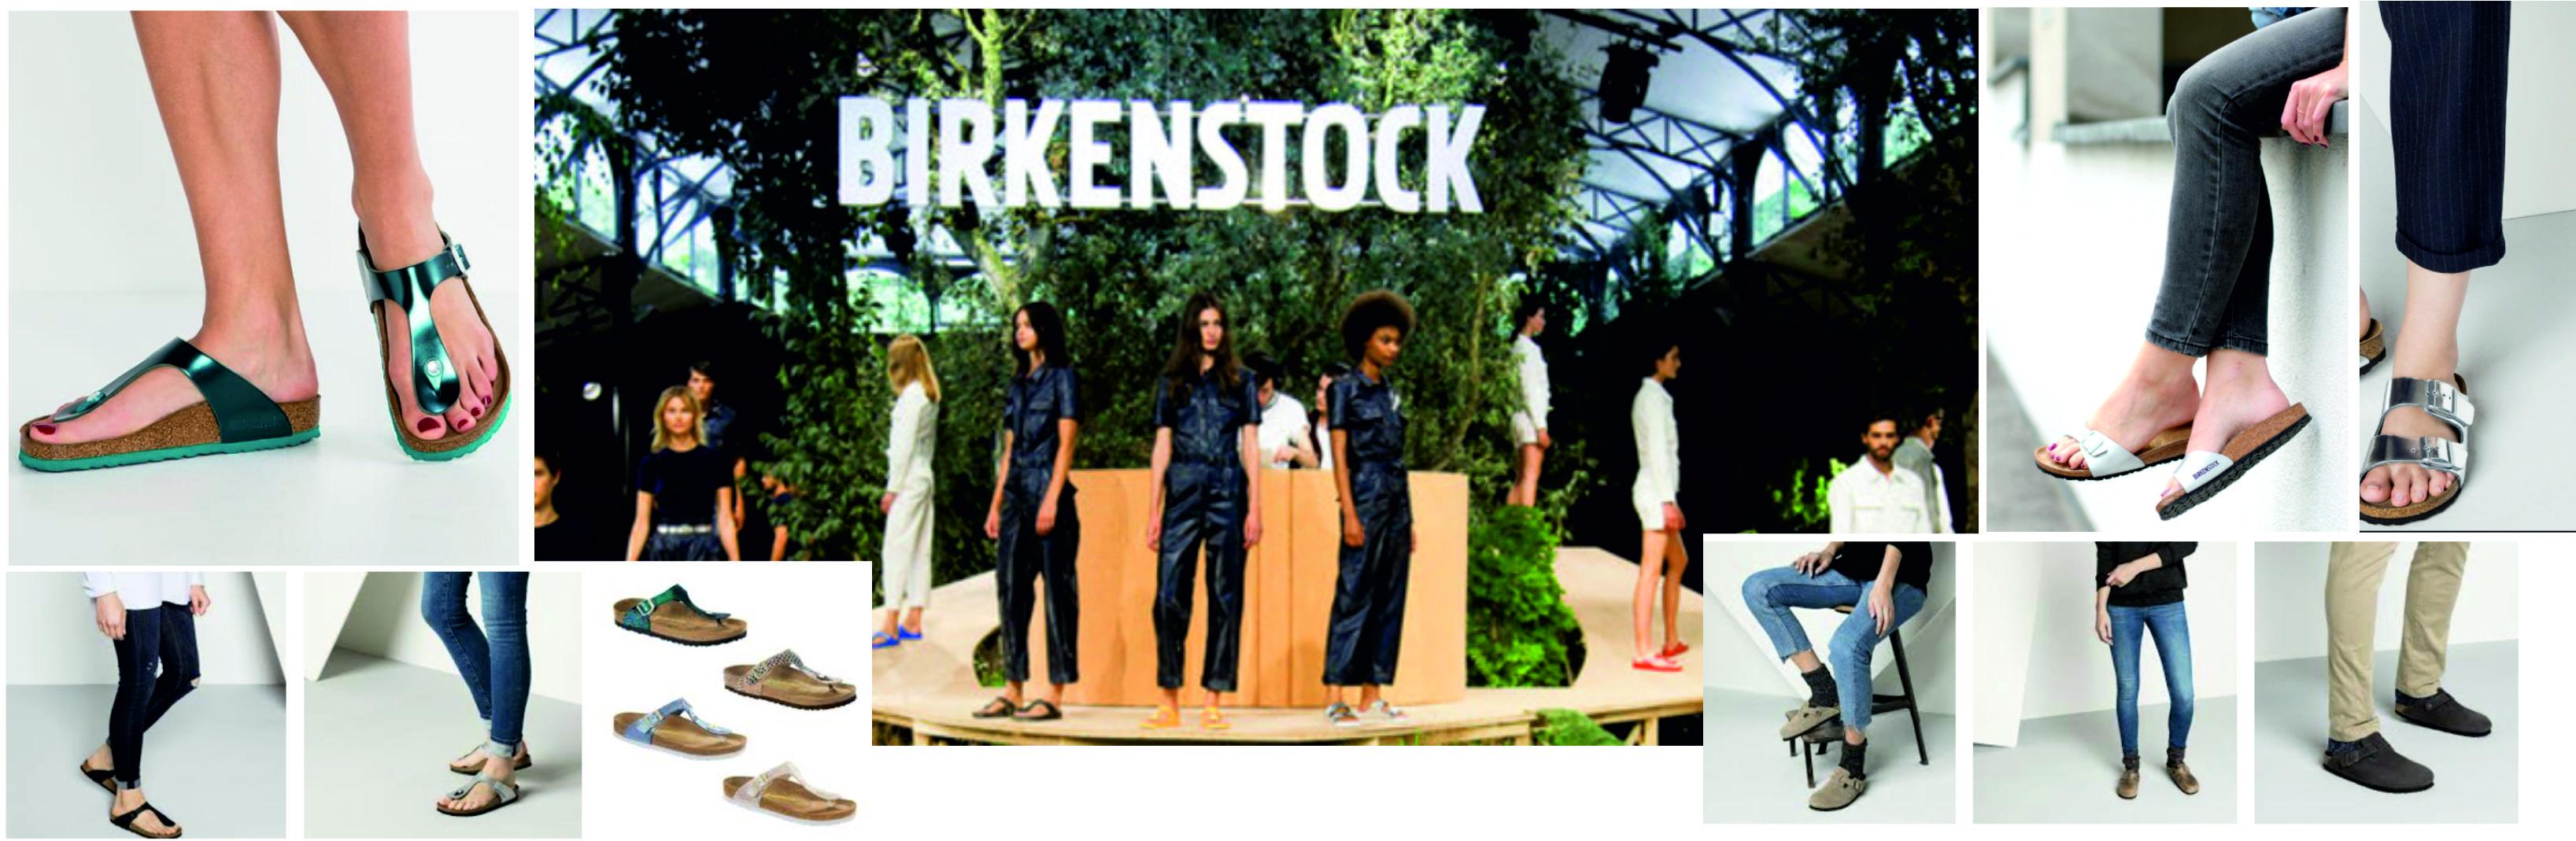 9dc5667b75f5f0 Birkenstock SALE günstig online kaufen - Gizeh